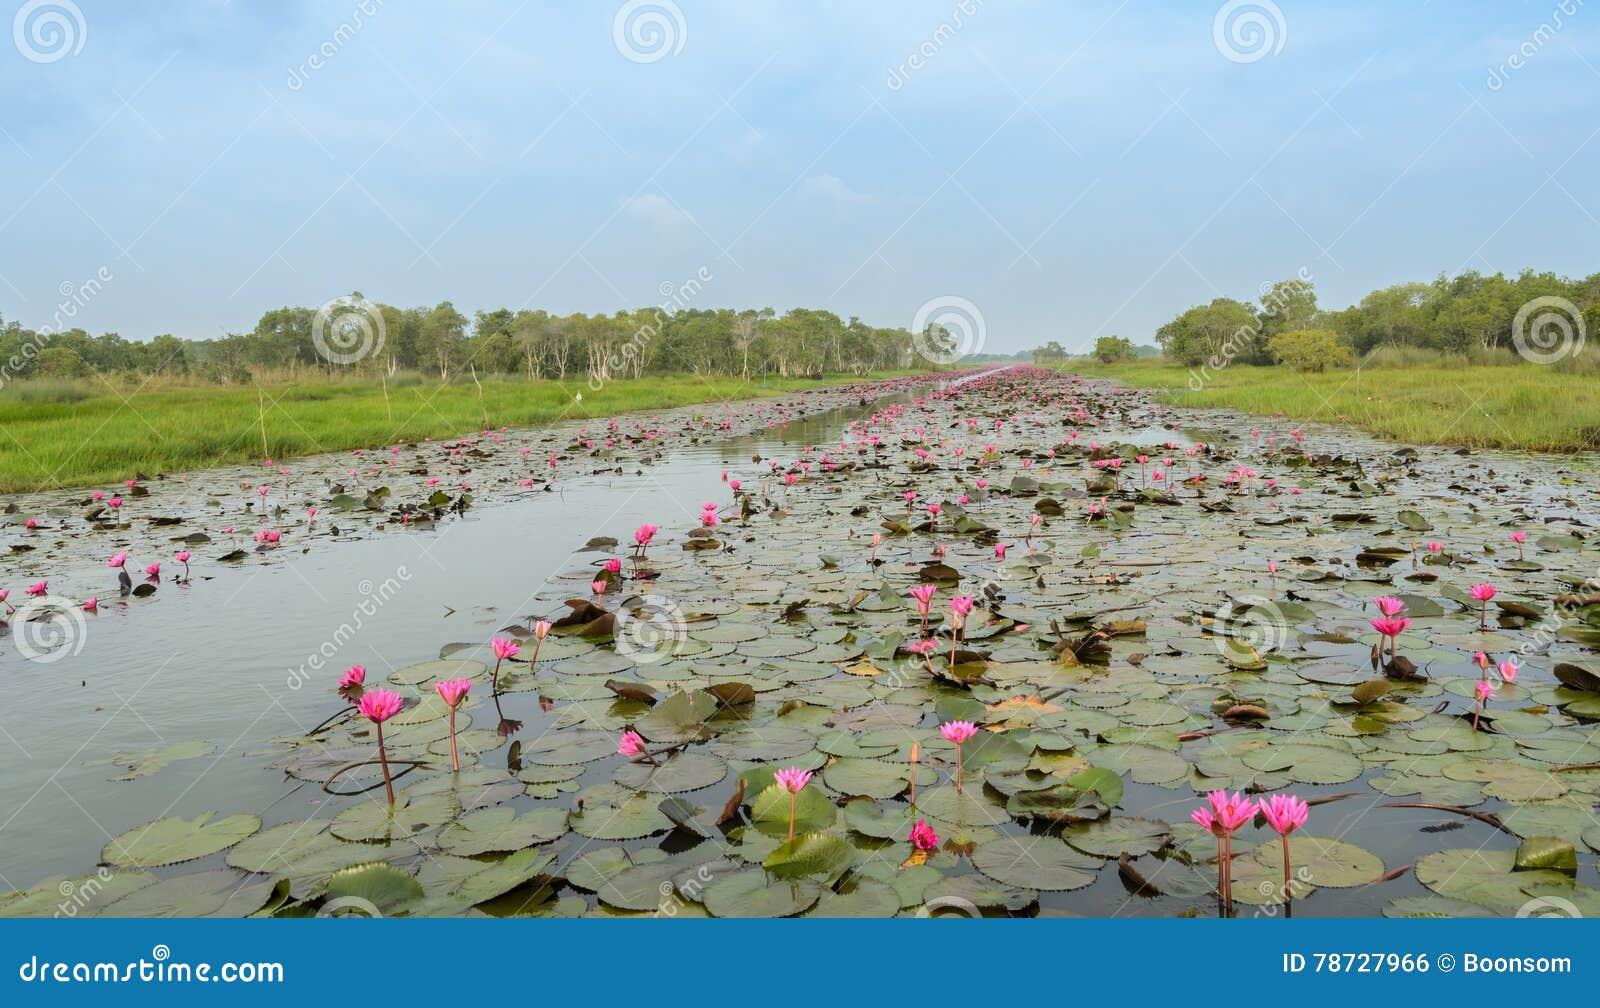 Havet av röd lotusblomma eller näckrons